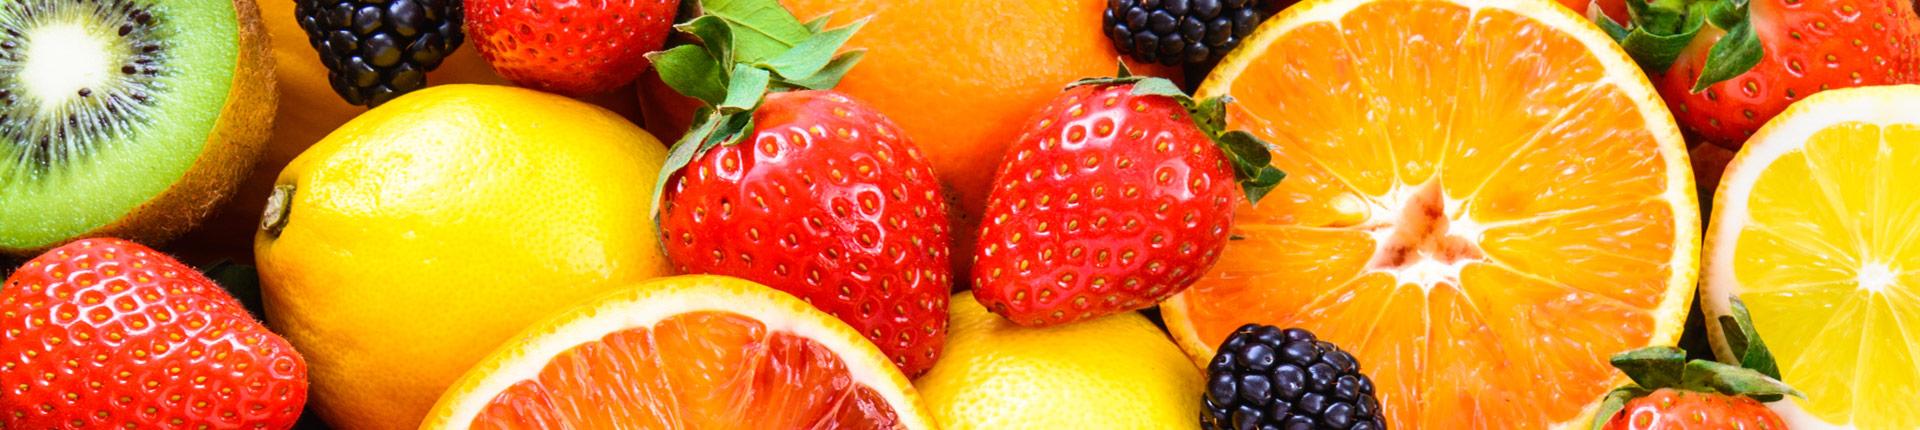 Ile owoców i warzyw dziennie? Nowe zalecenia WHO